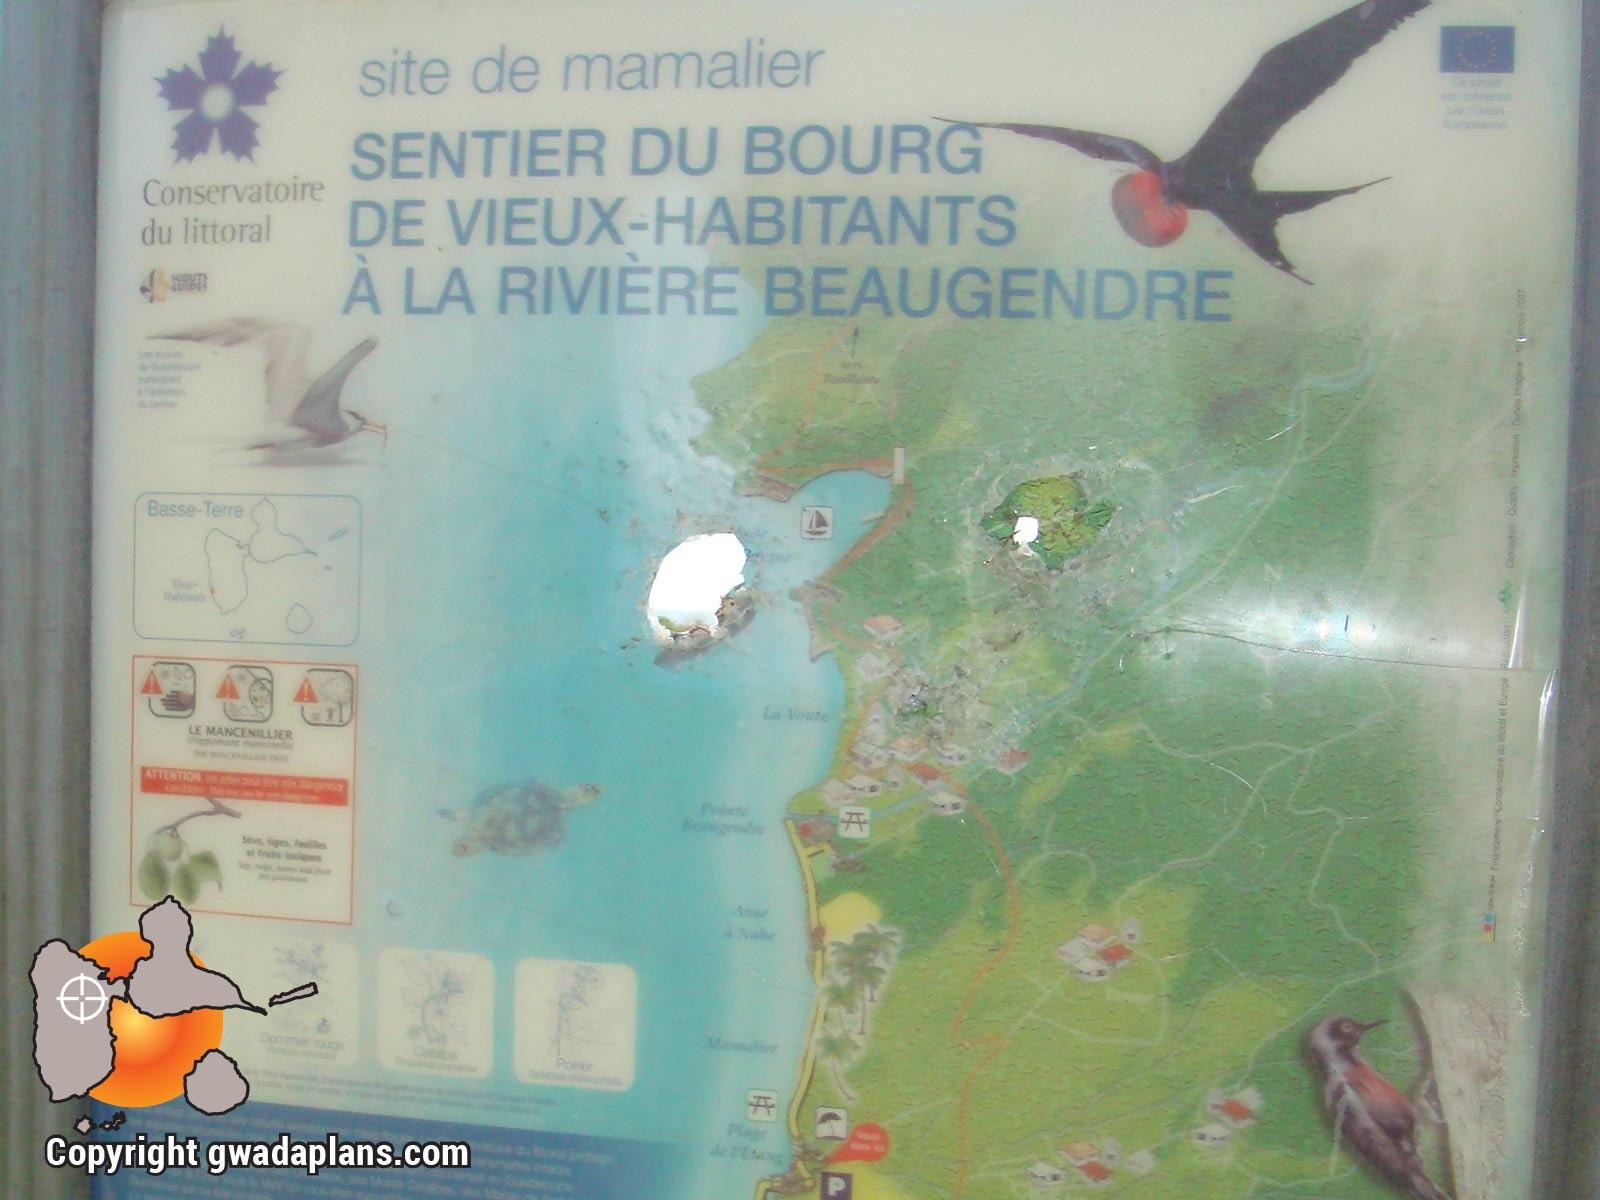 Sentier de Mamalier - Vieux-Habitants